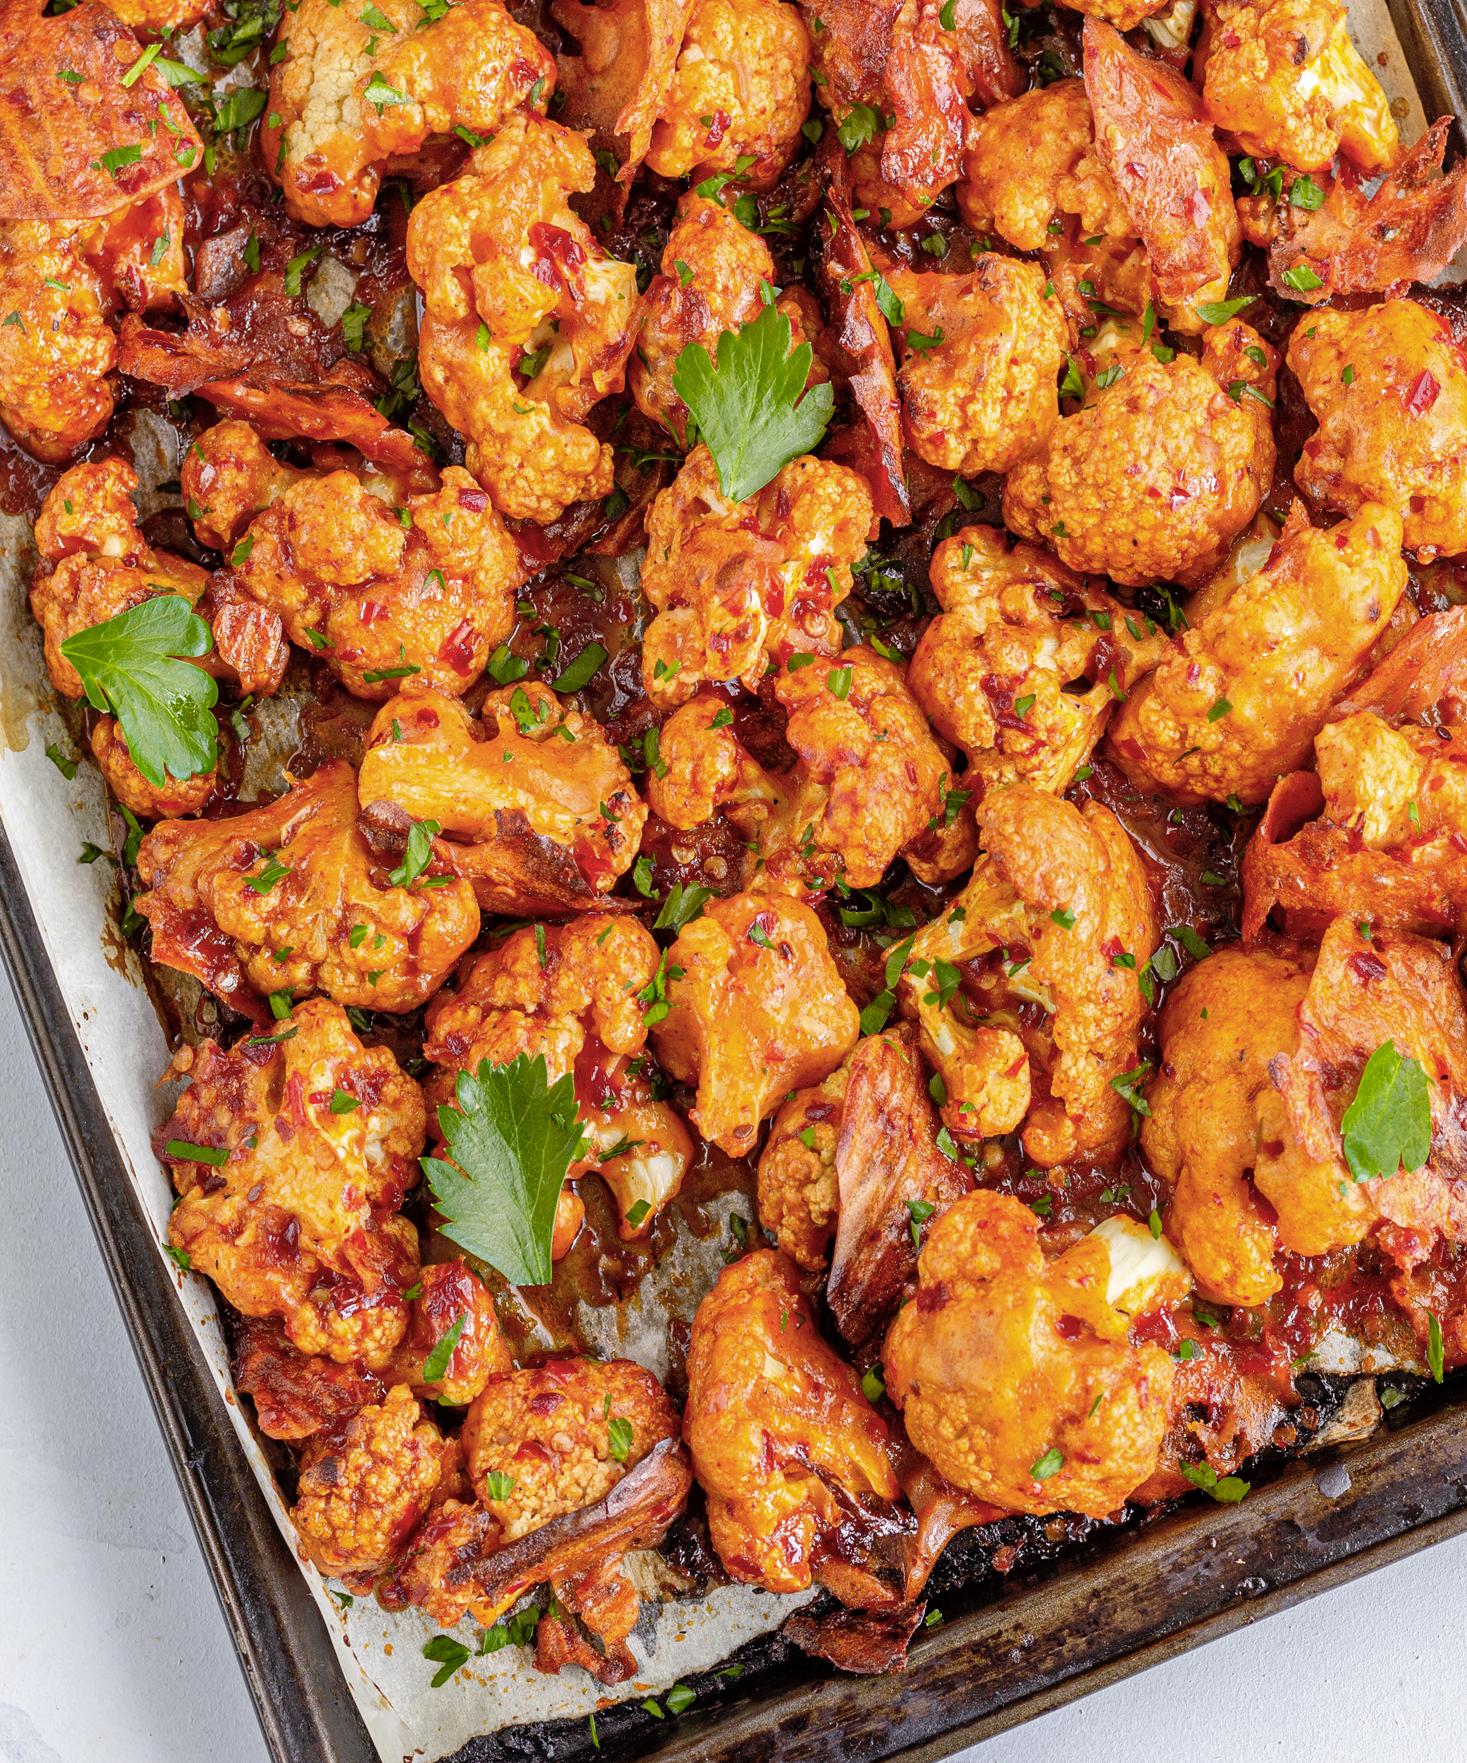 Wings de chou-fleur à la sauce barbecue au four